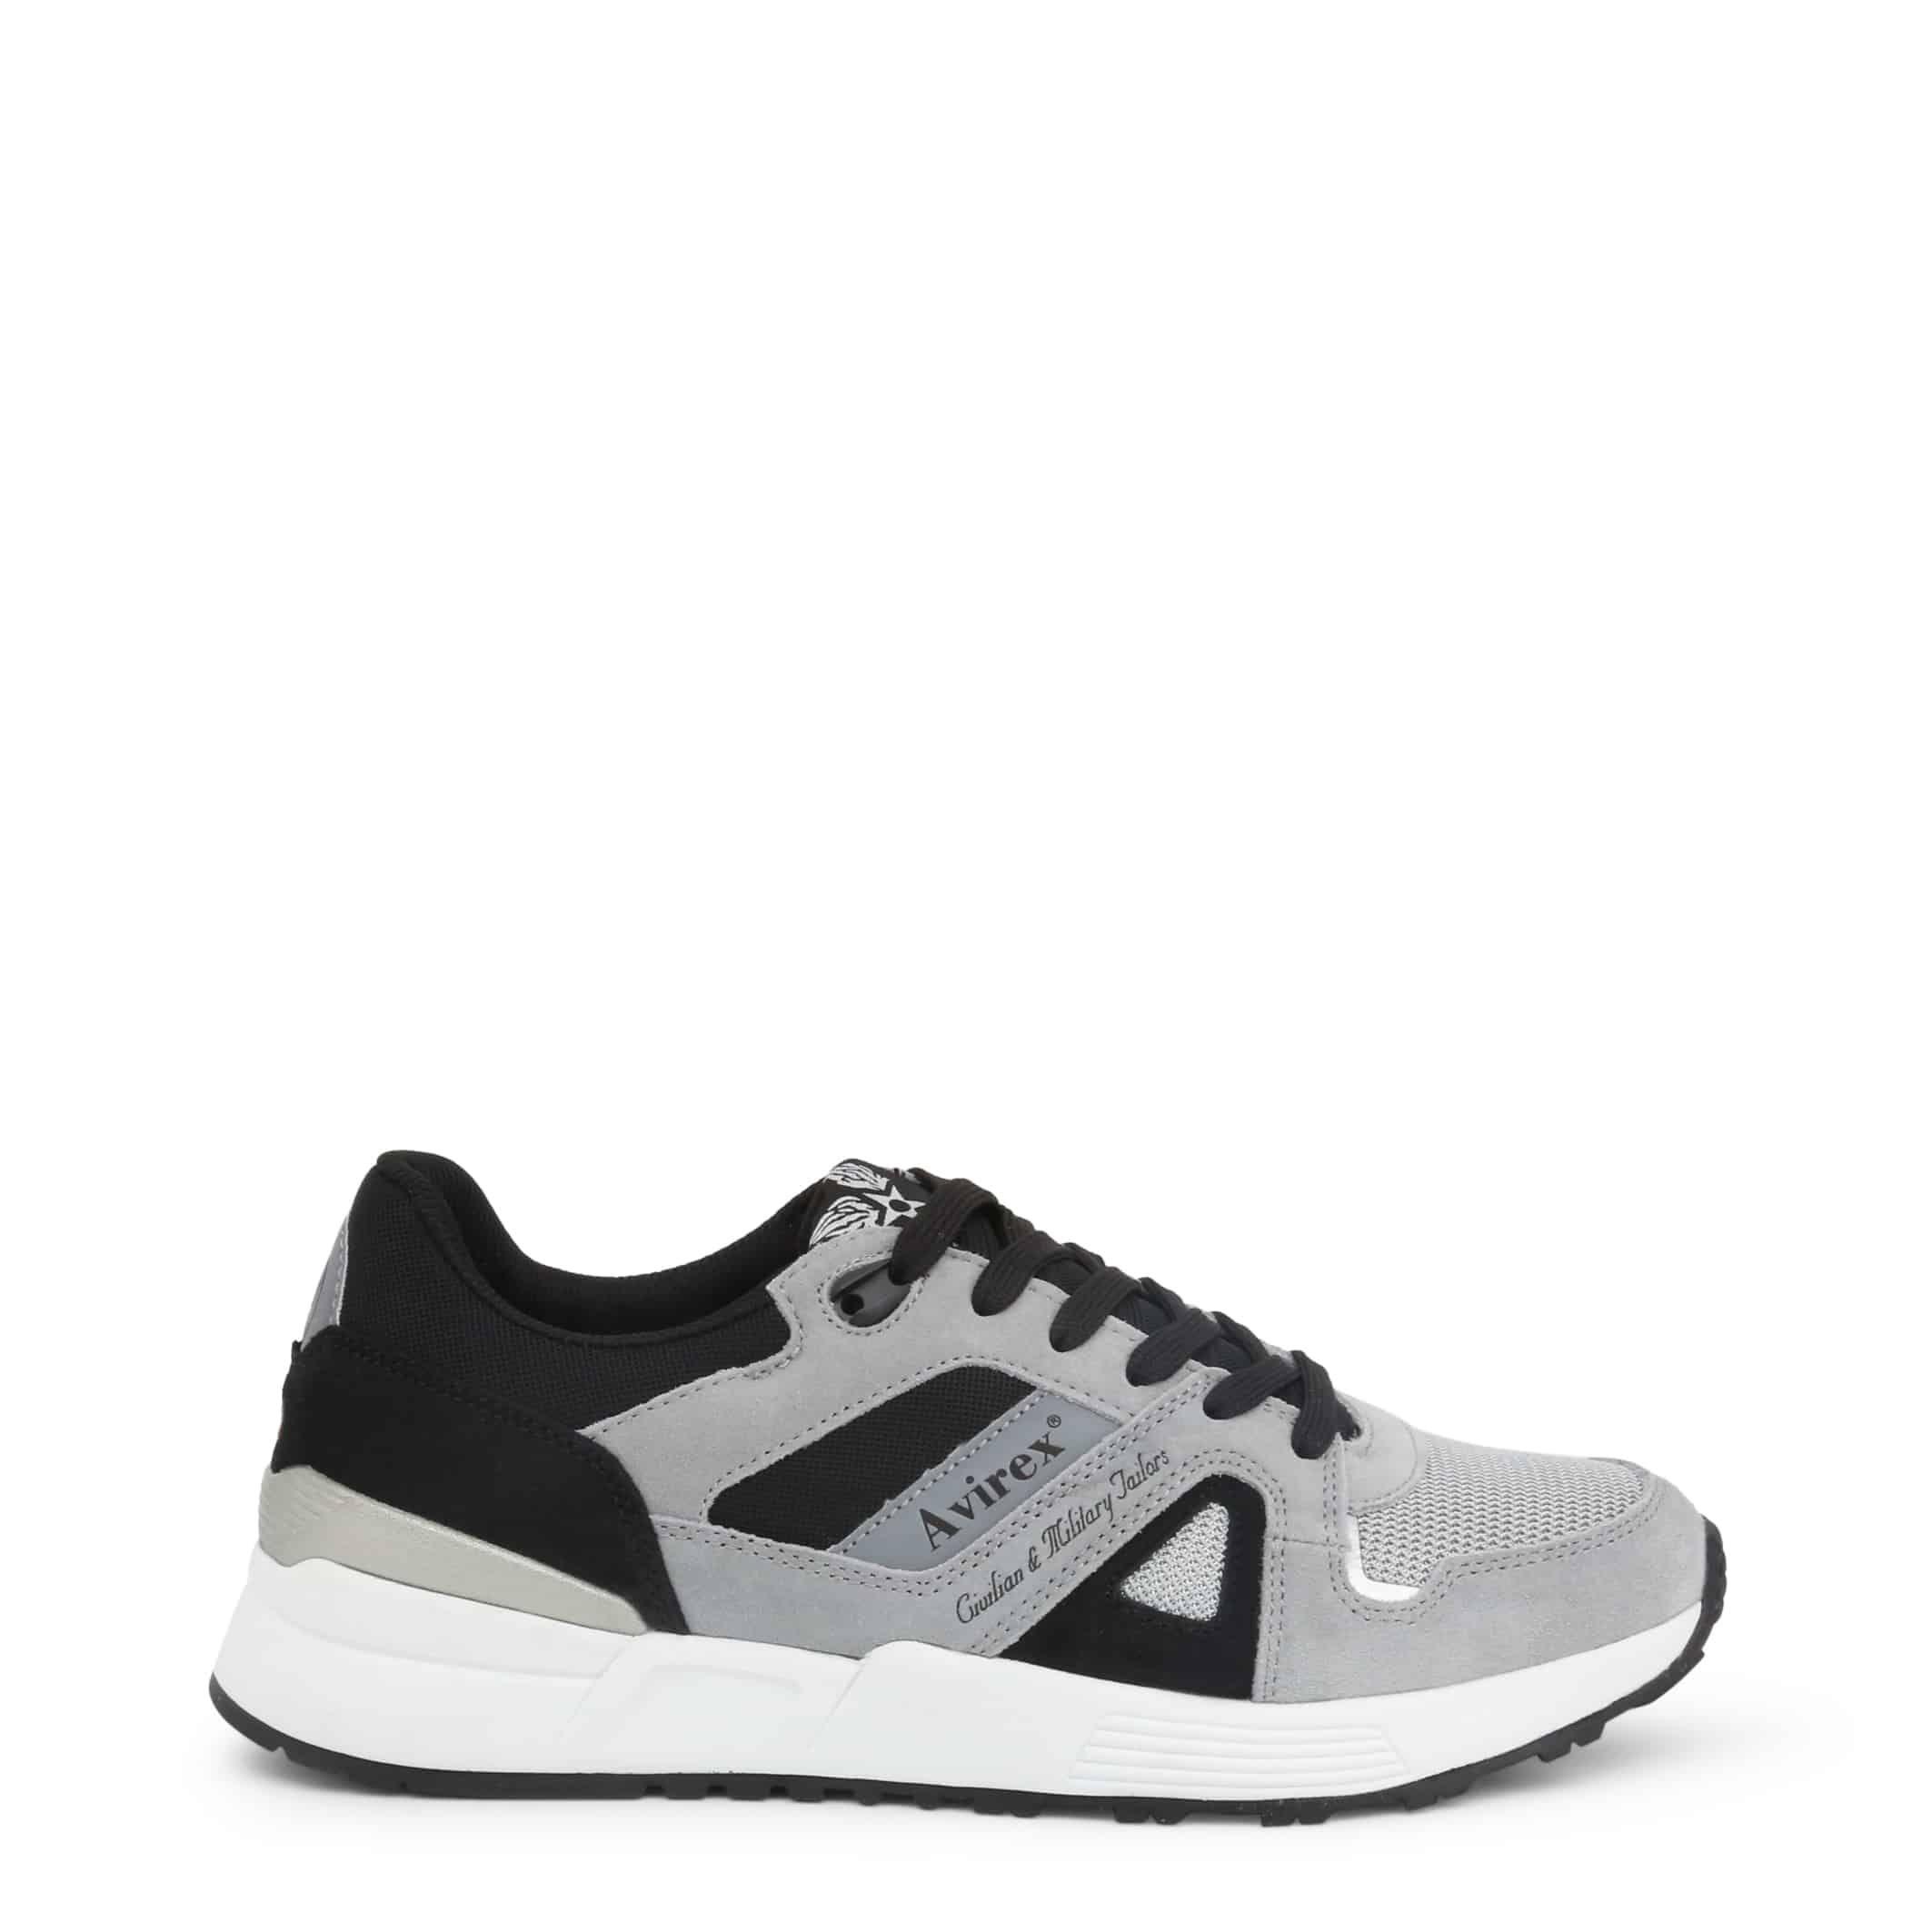 Chaussures Avirex – AV01M60620